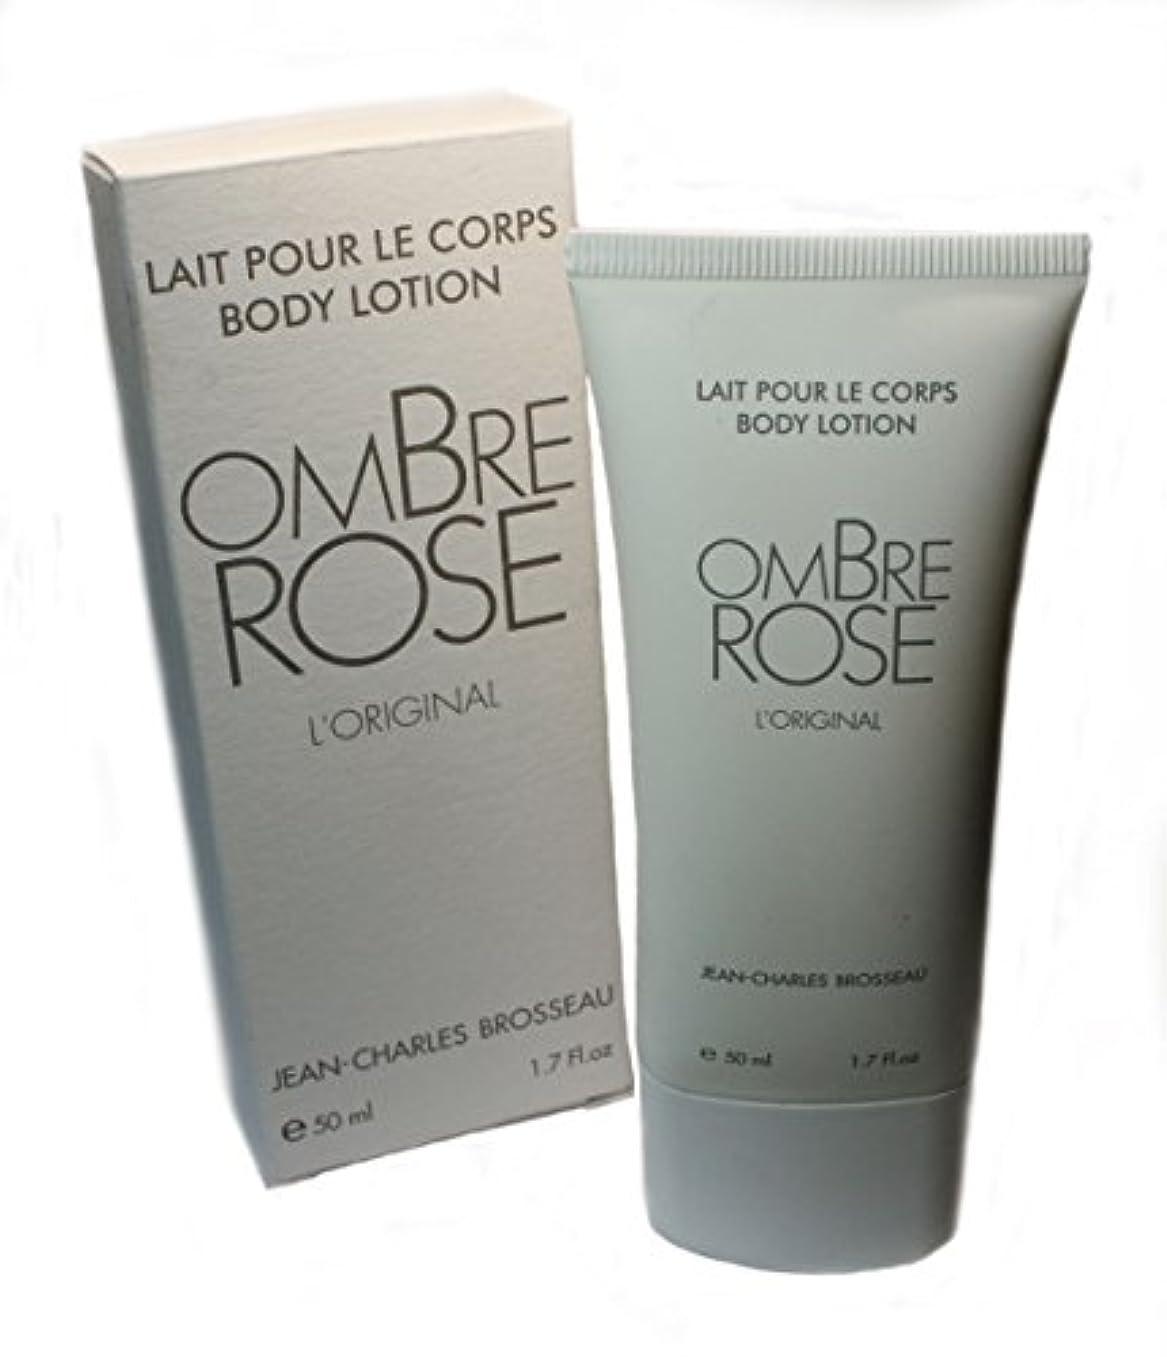 抽象化見えるファイルJean-Charles Brosseau Ombre Rose L'Original Body Lotion(ジャン シャルル ブロッソー オンブル ローズ オリジナル ボディーローション)50ml